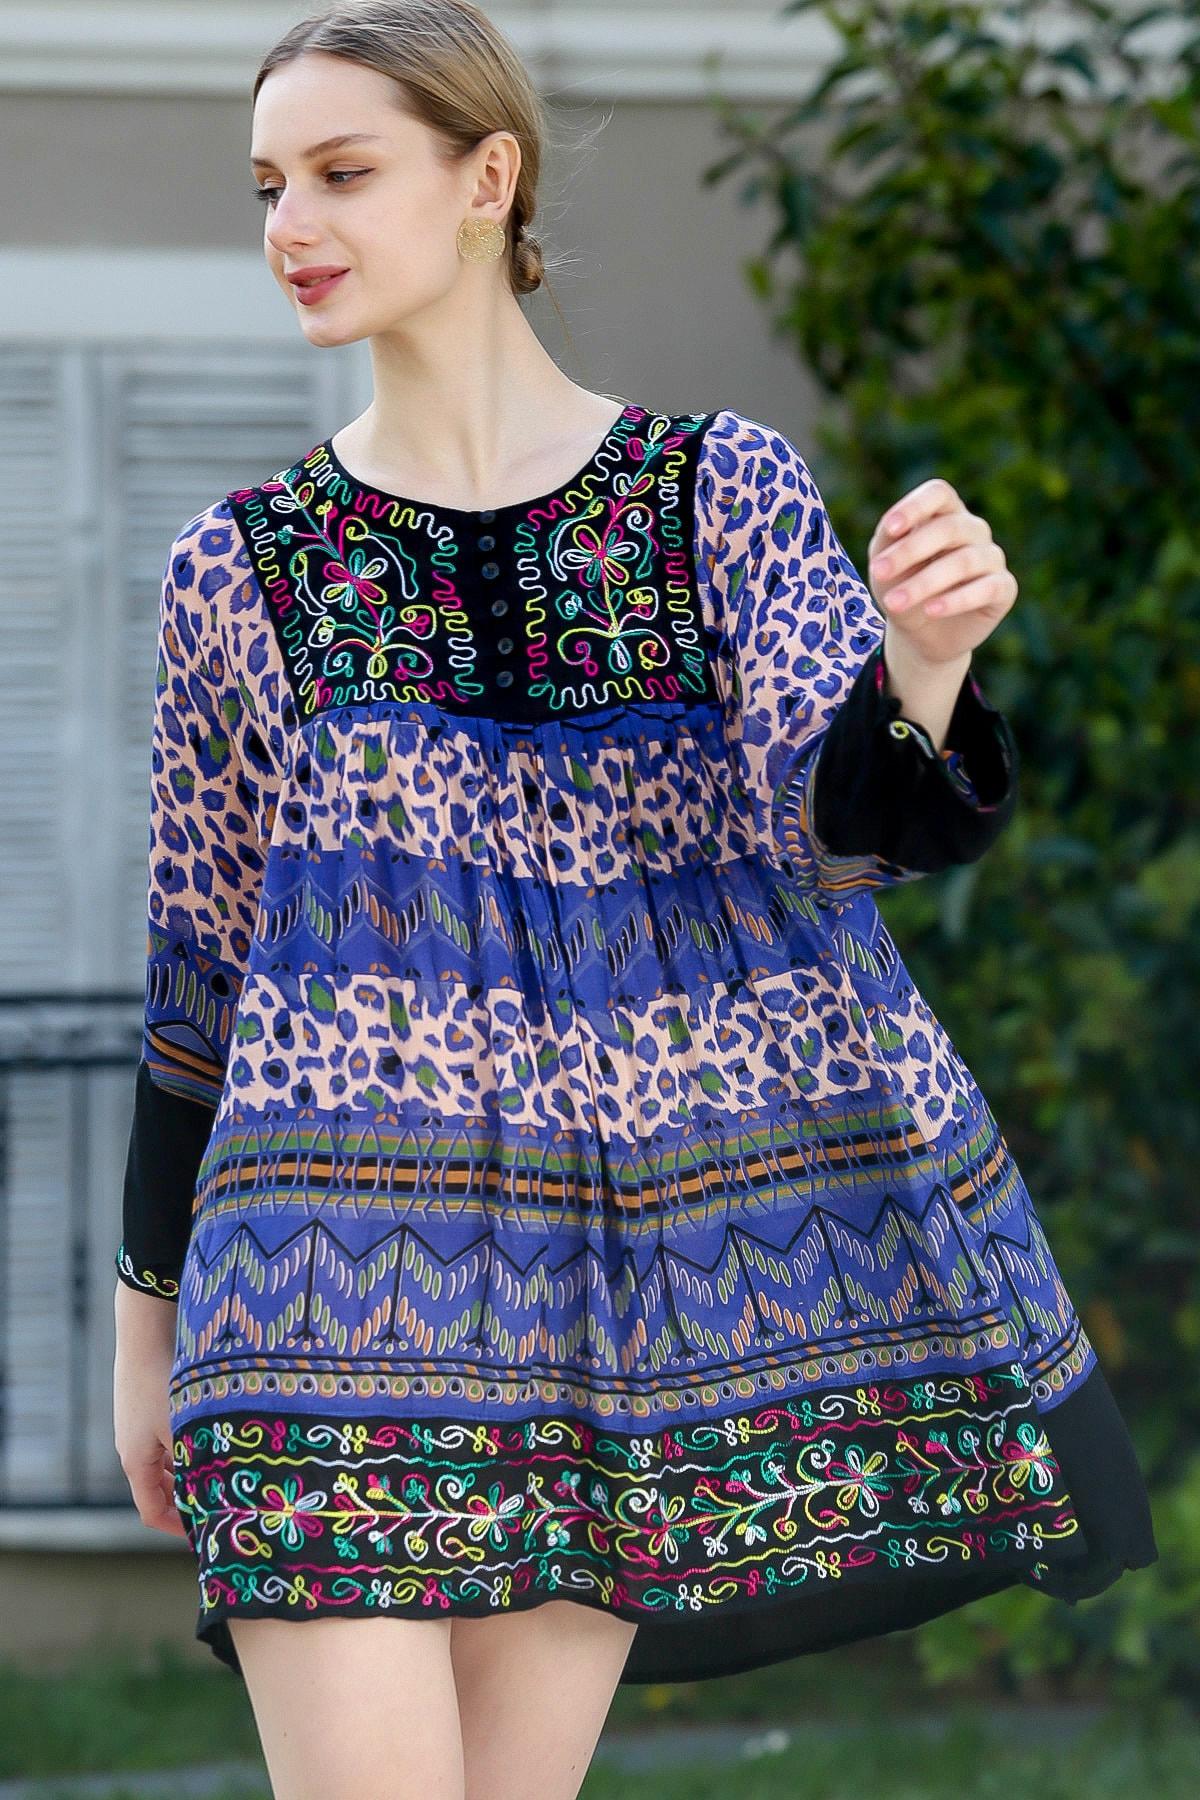 Chiccy Kadın Siyah-Mor Robası Nakışlı Süs Düğmeli Hint İşi Dokuma Tunik  M10010500TN99620